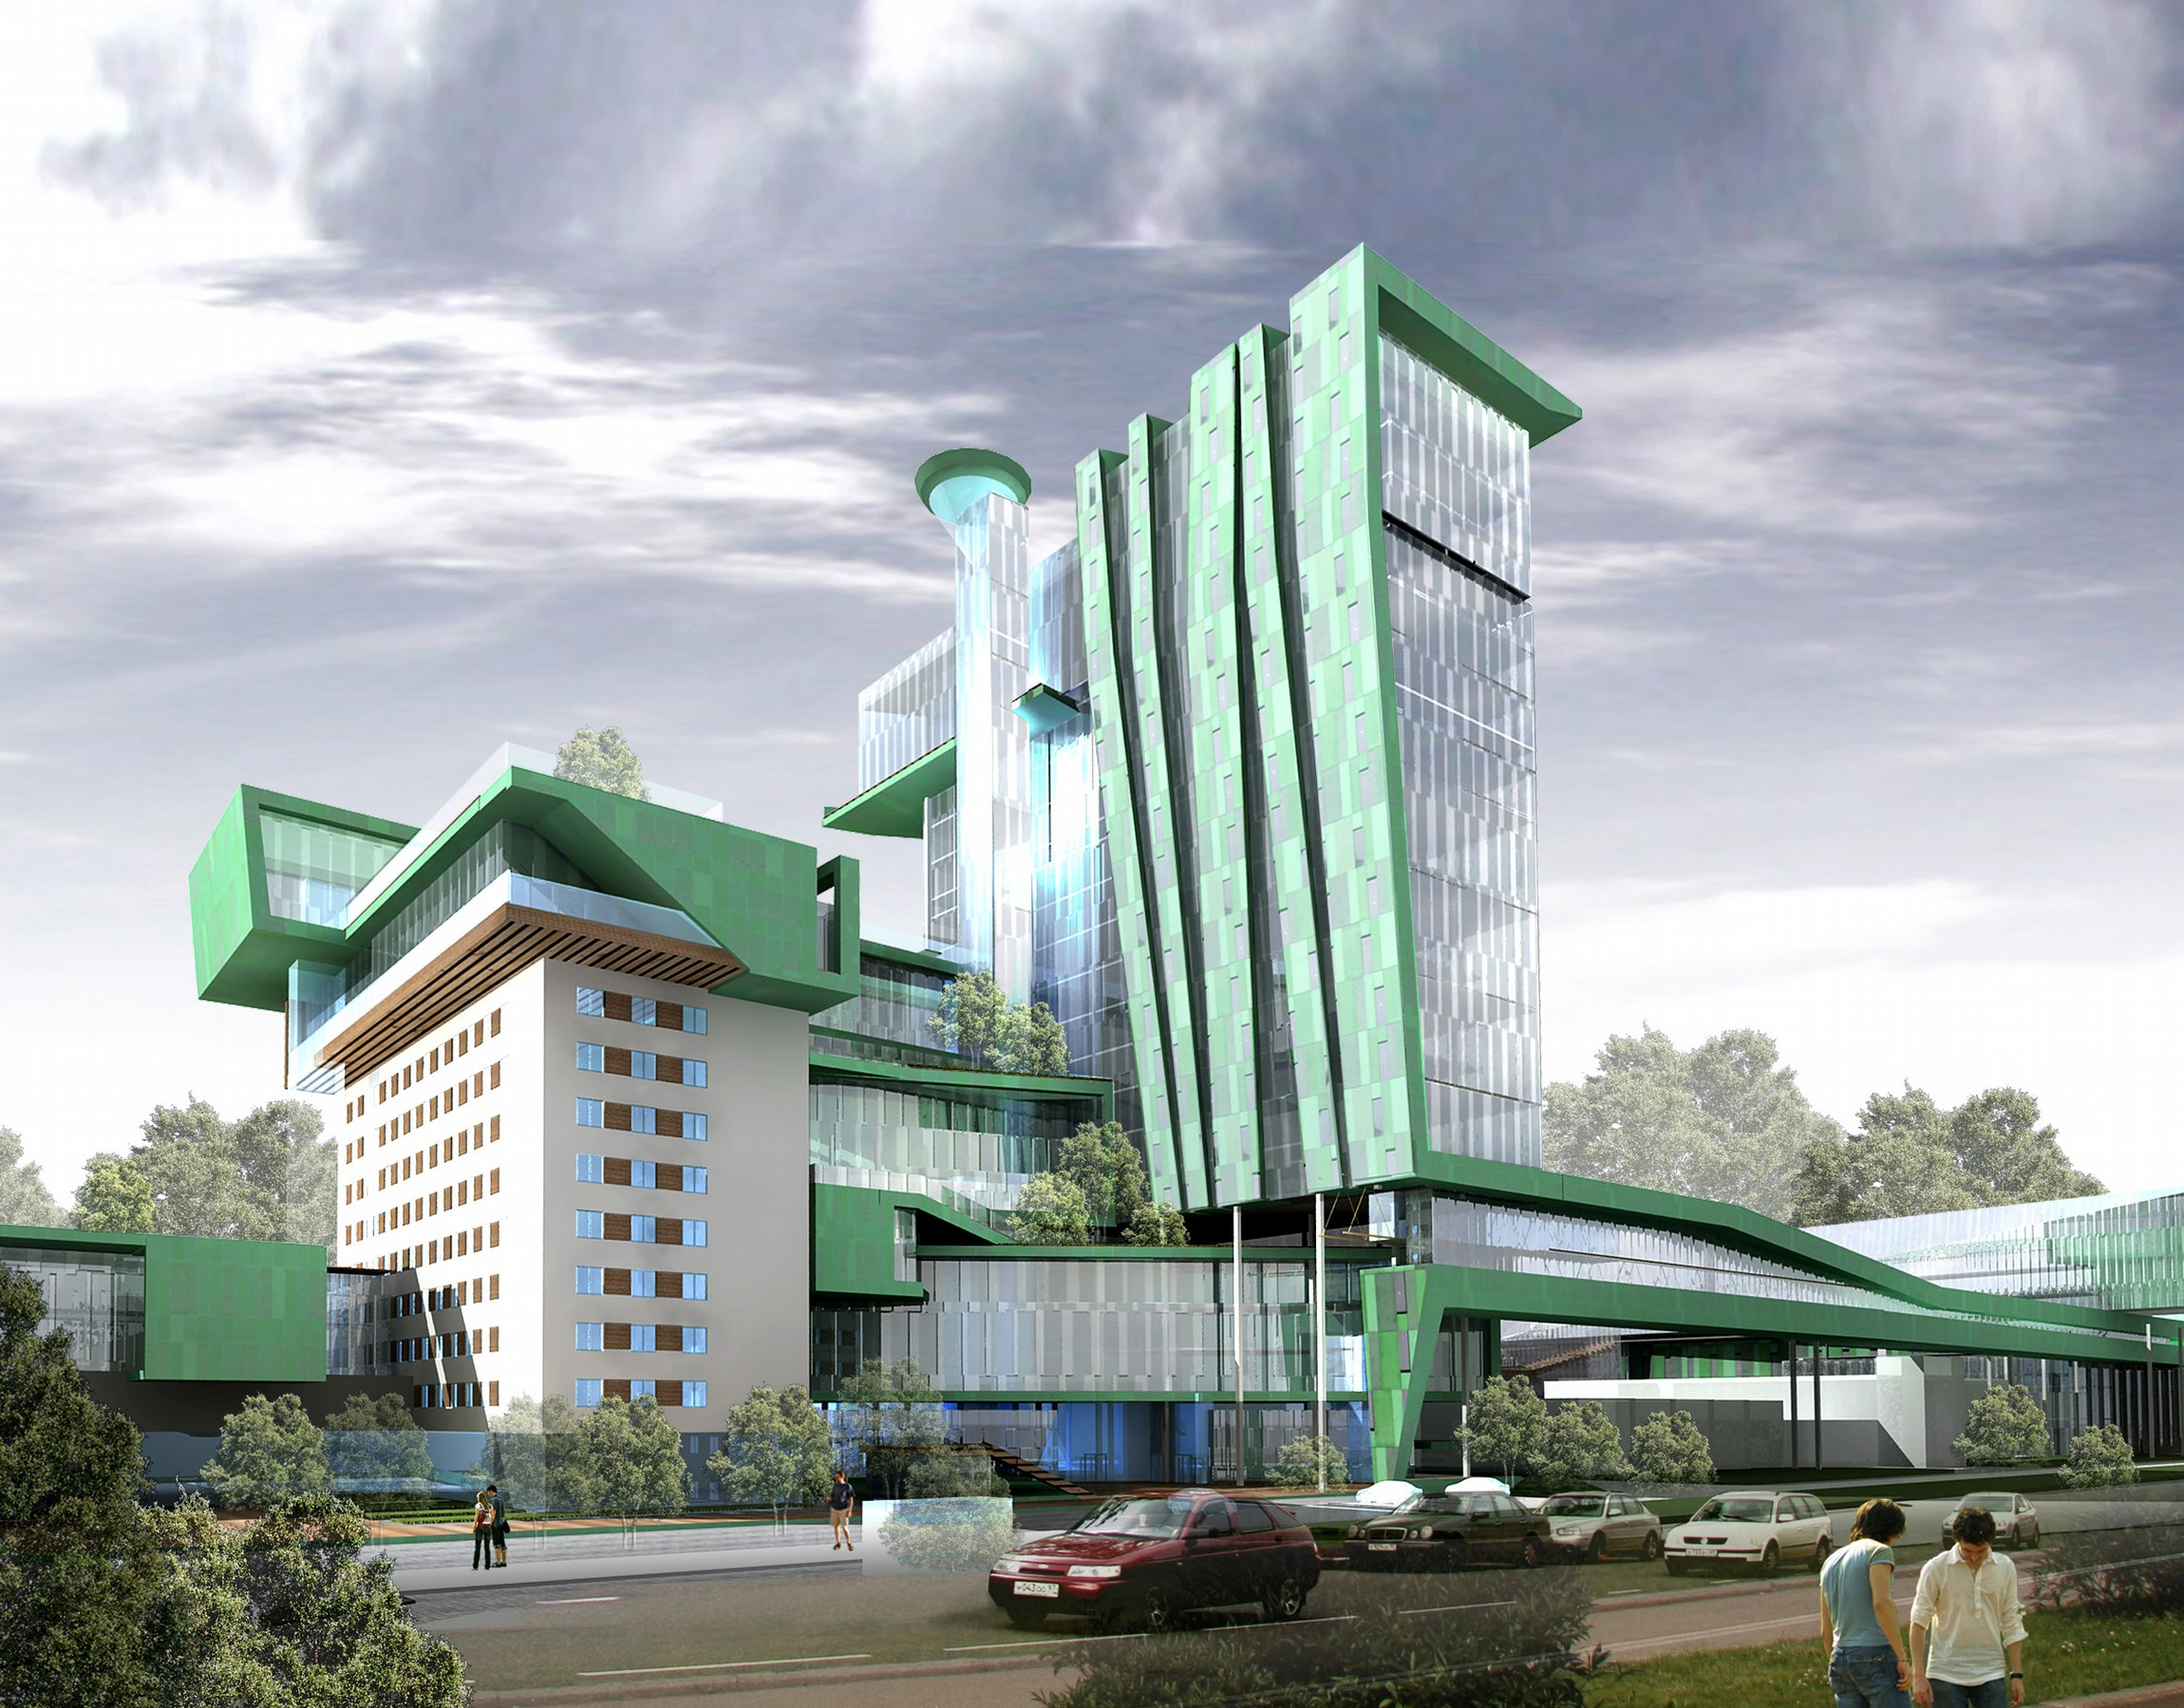 Реконструкция территории завода Элара в г. Чебоксары.